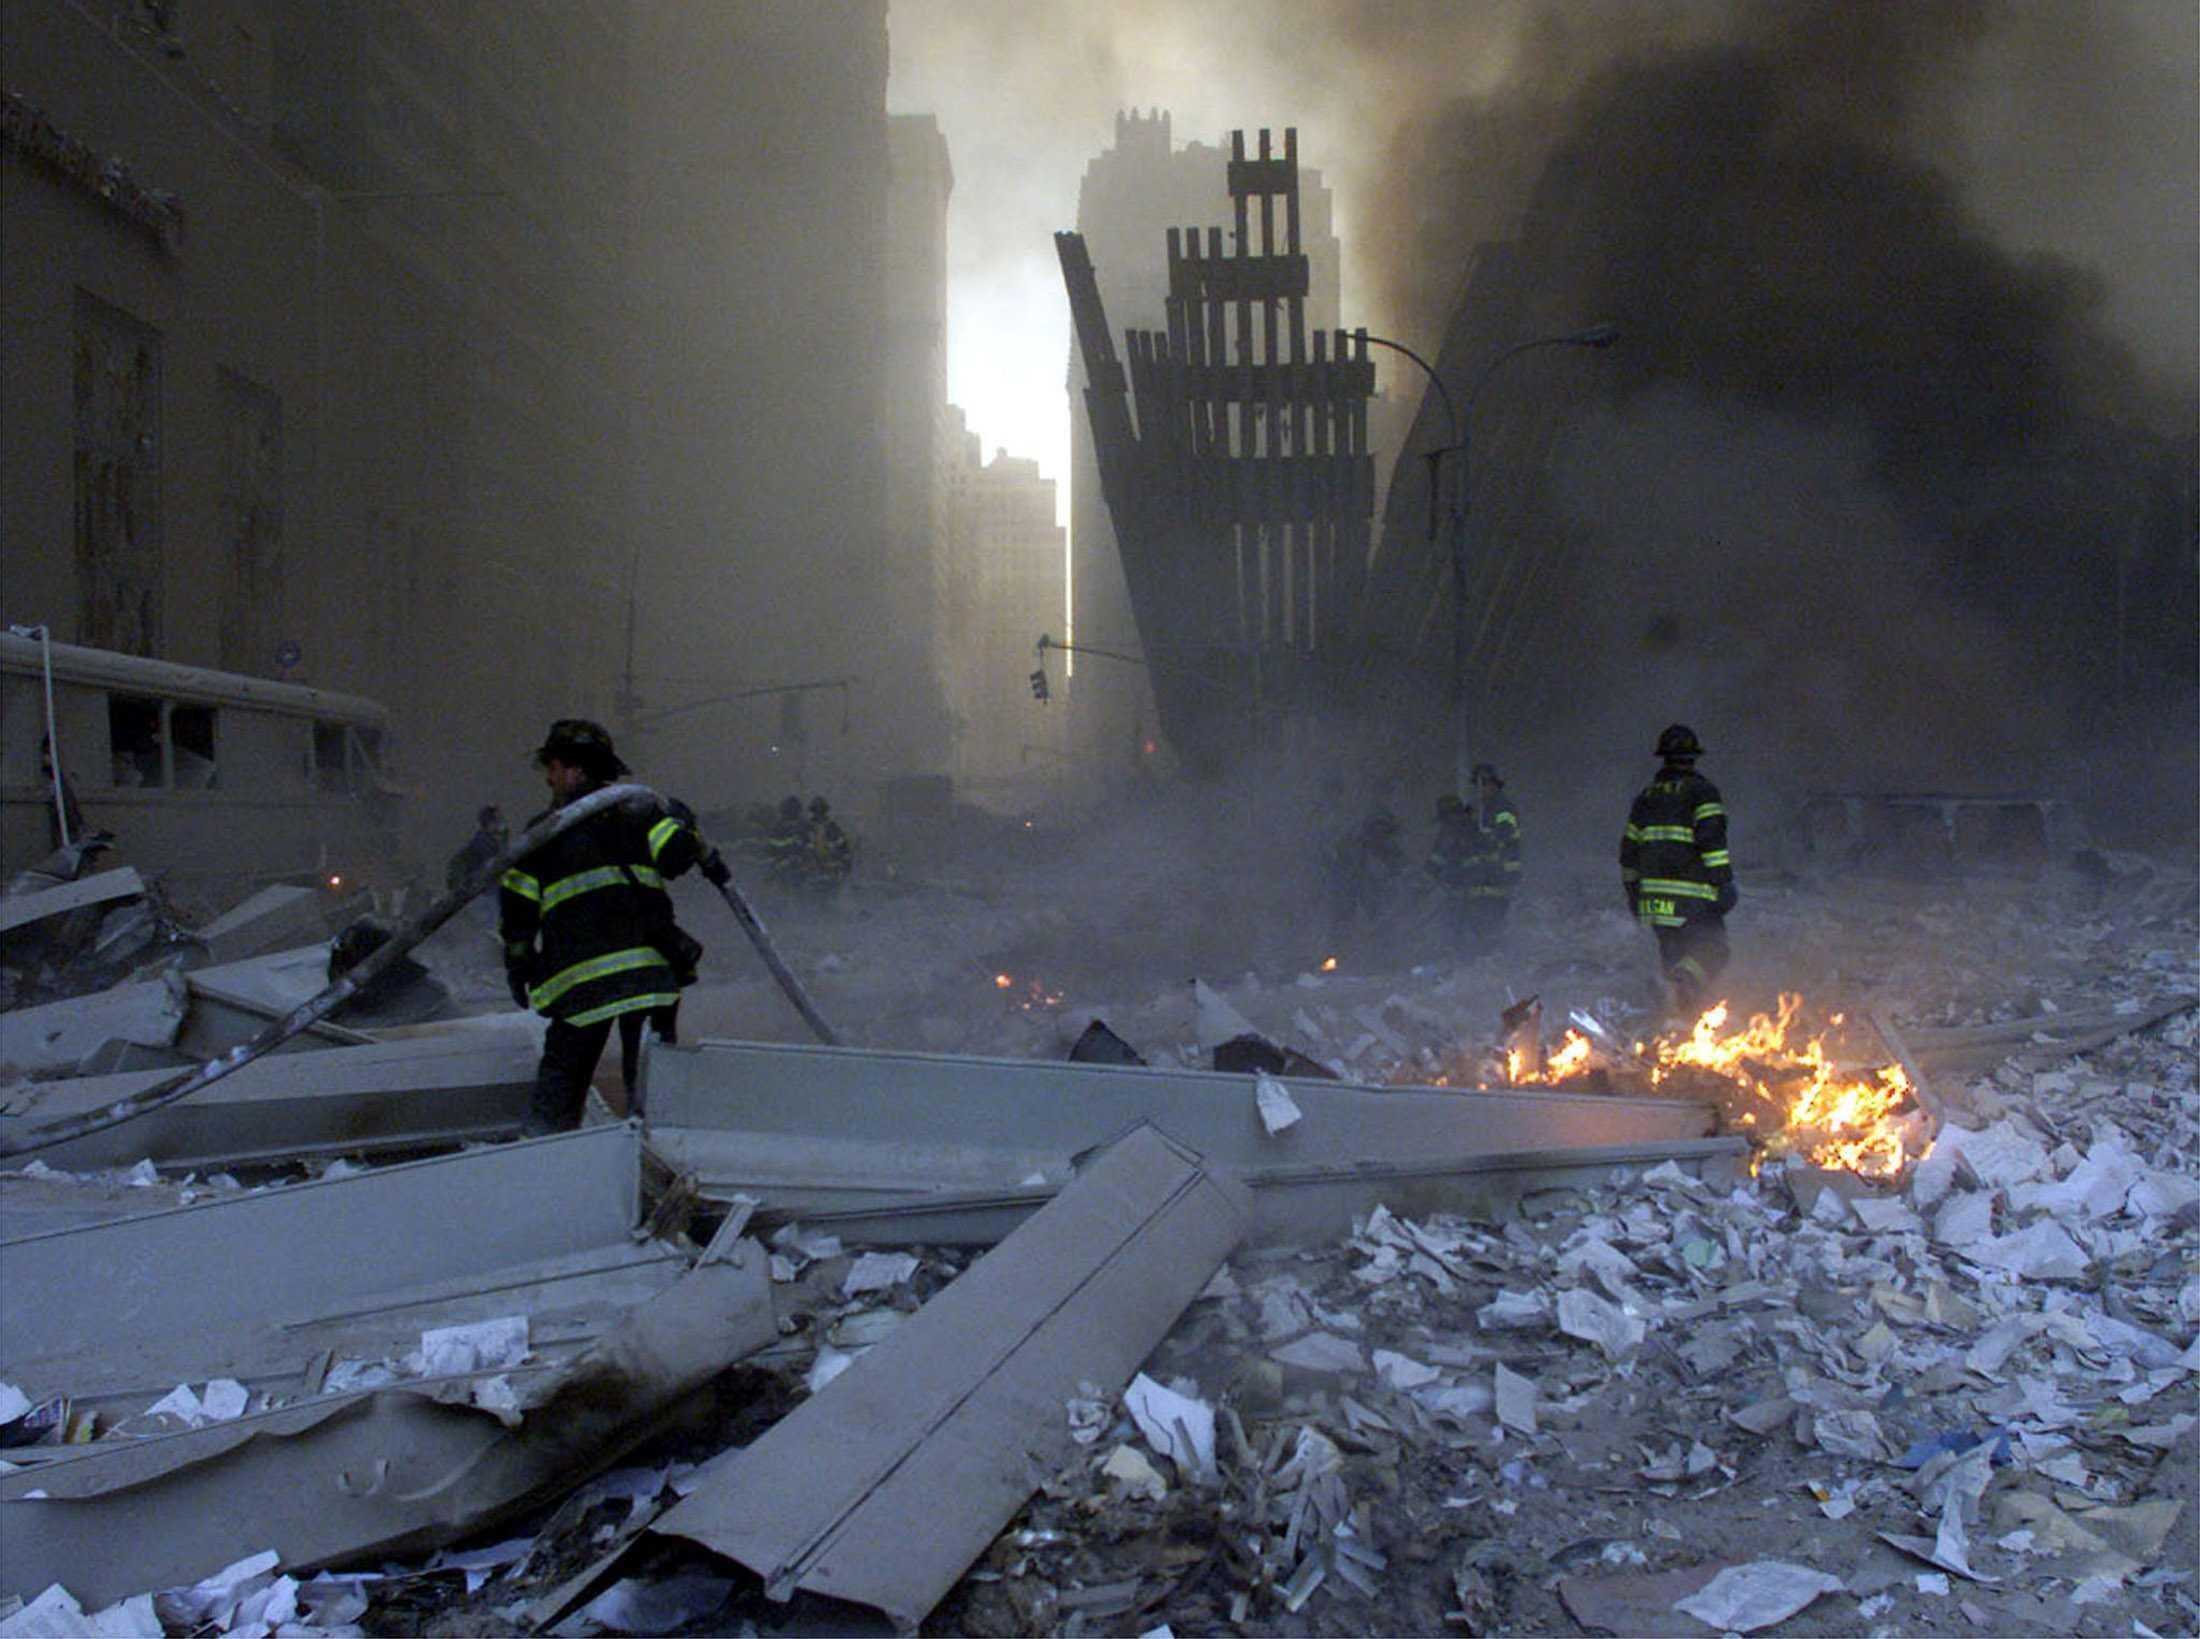 Lính cứu hỏa làm việc trong đống đổ nát của World Trade Center sau các vụ khủng bố ngày 11/09/2001.